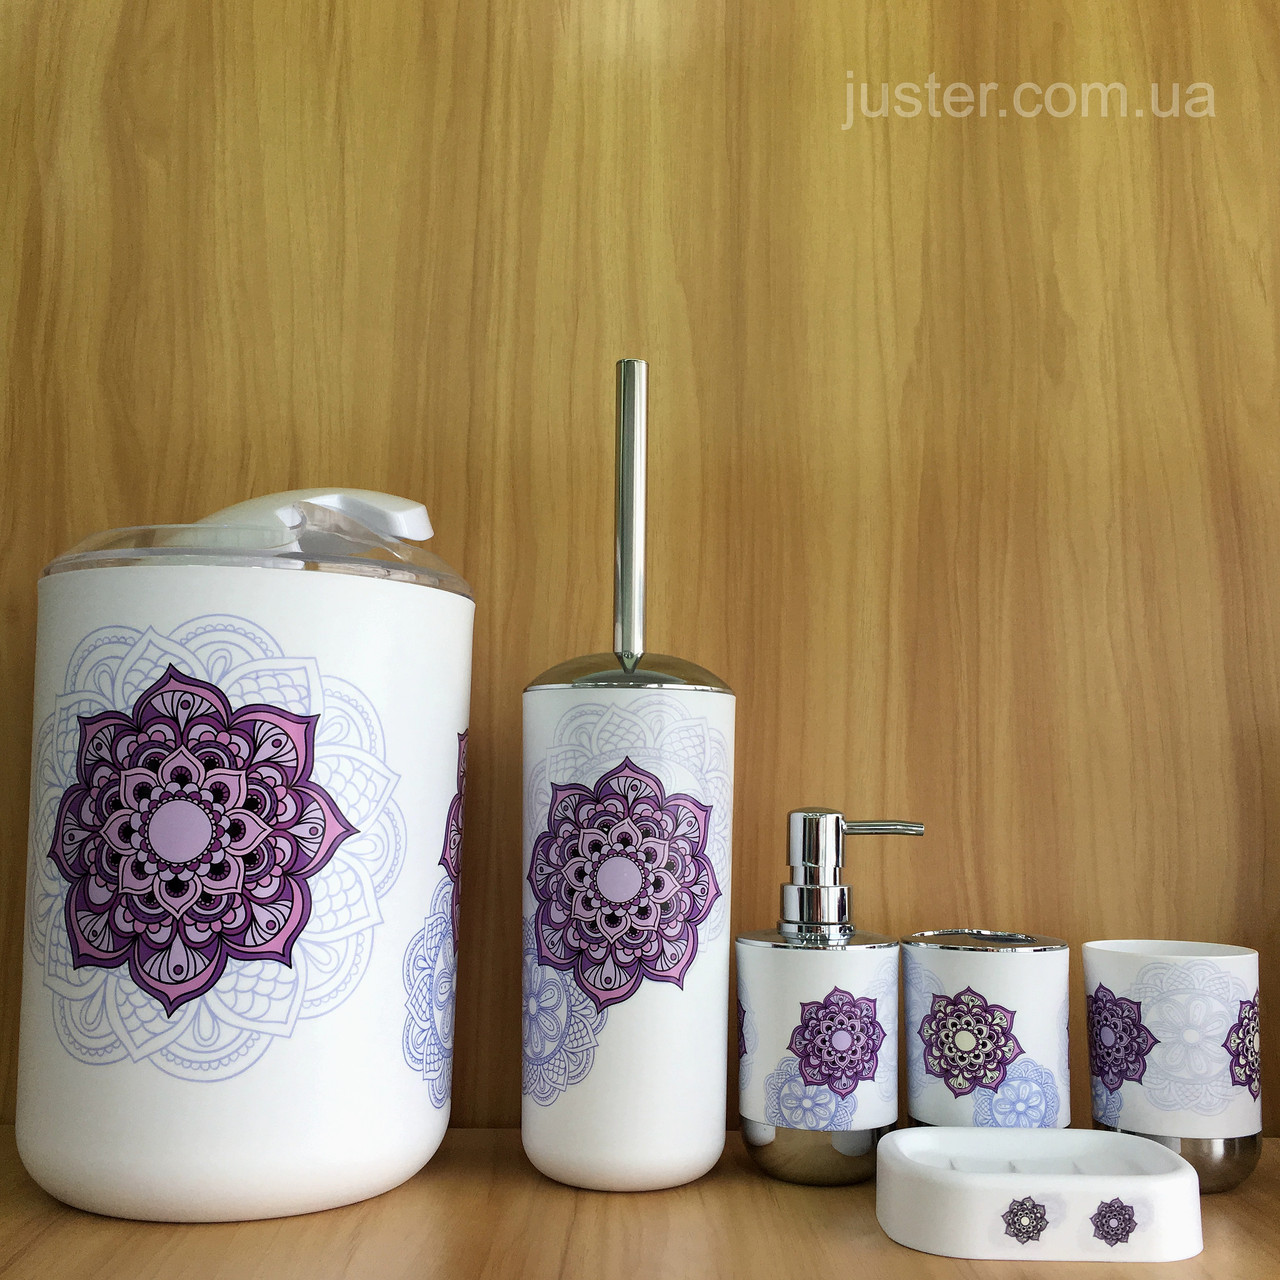 Набор аксессуаров для ванной комнаты Bathlux Flor De Clasico на 6 предметов